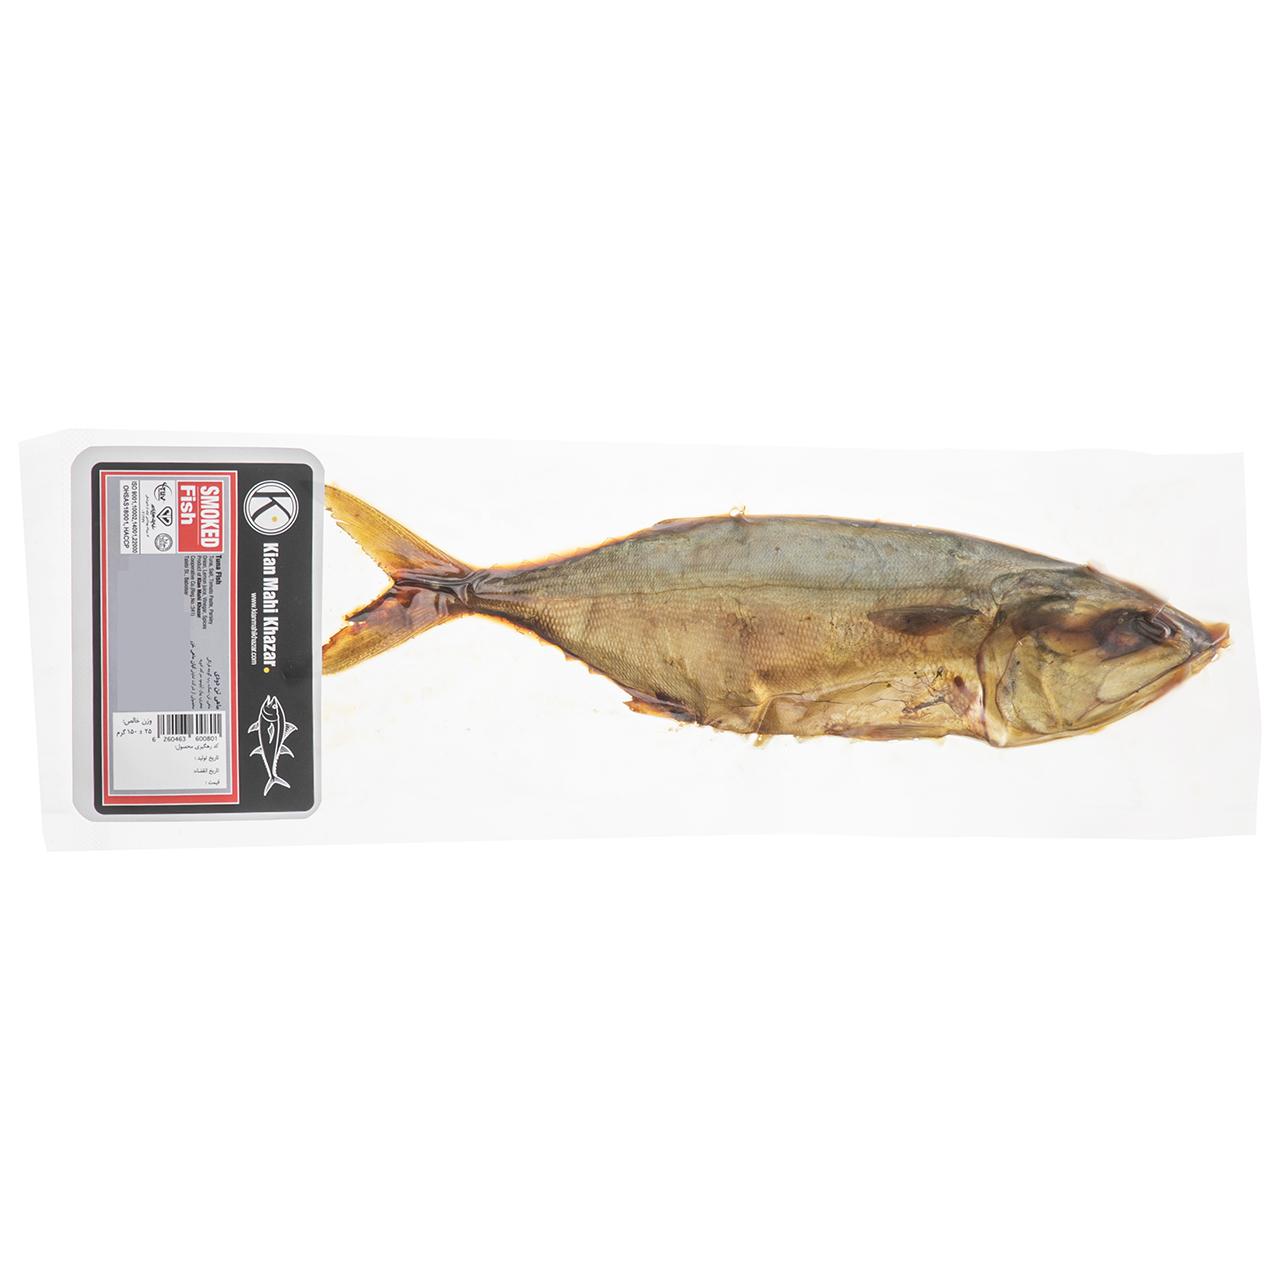 ماهی تن دودی کیان ماهی خزر مقدار 150 گرم